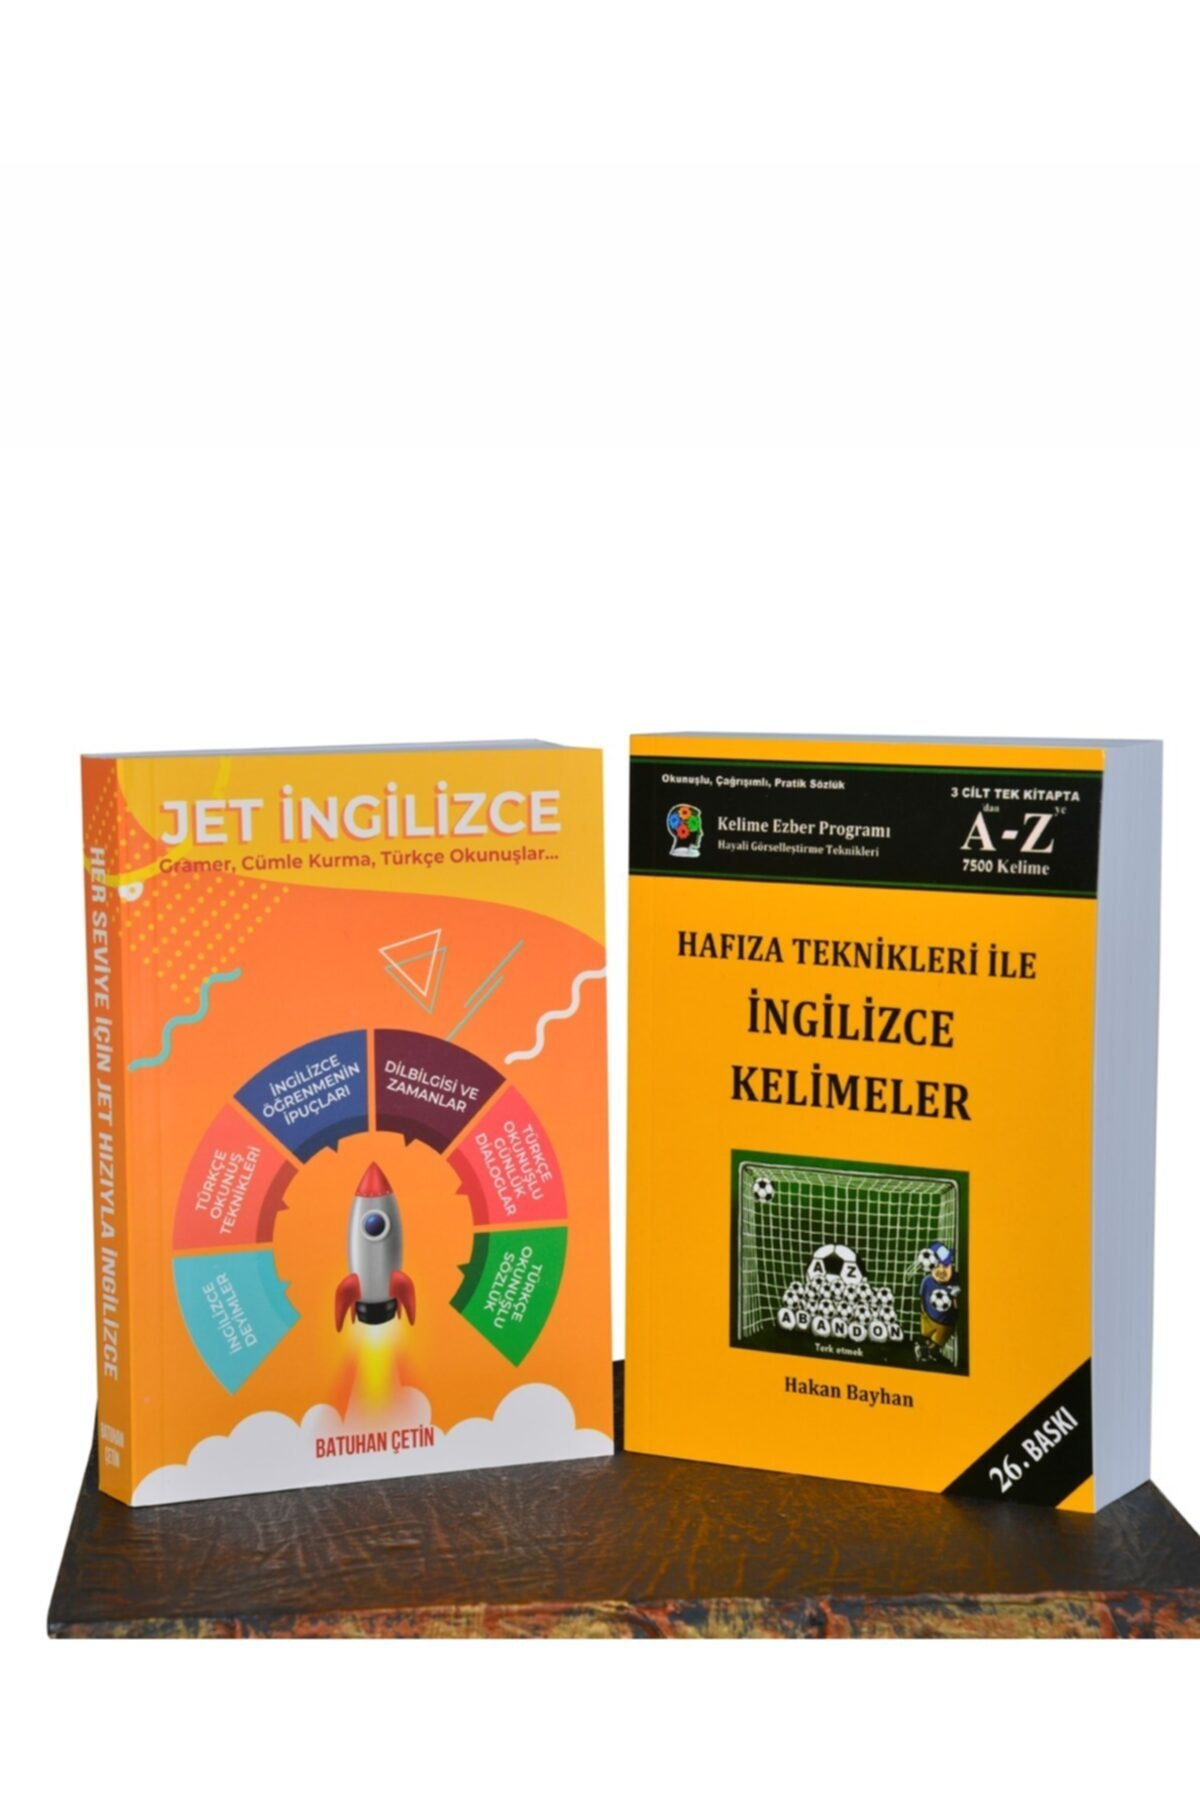 Bayhan Yayıncılık Jet Ingilizce - Hafıza Teknikleri Ile Ingilizce Kelimeler ( Ikili Set ) - Ebatları: 14x20cm 2